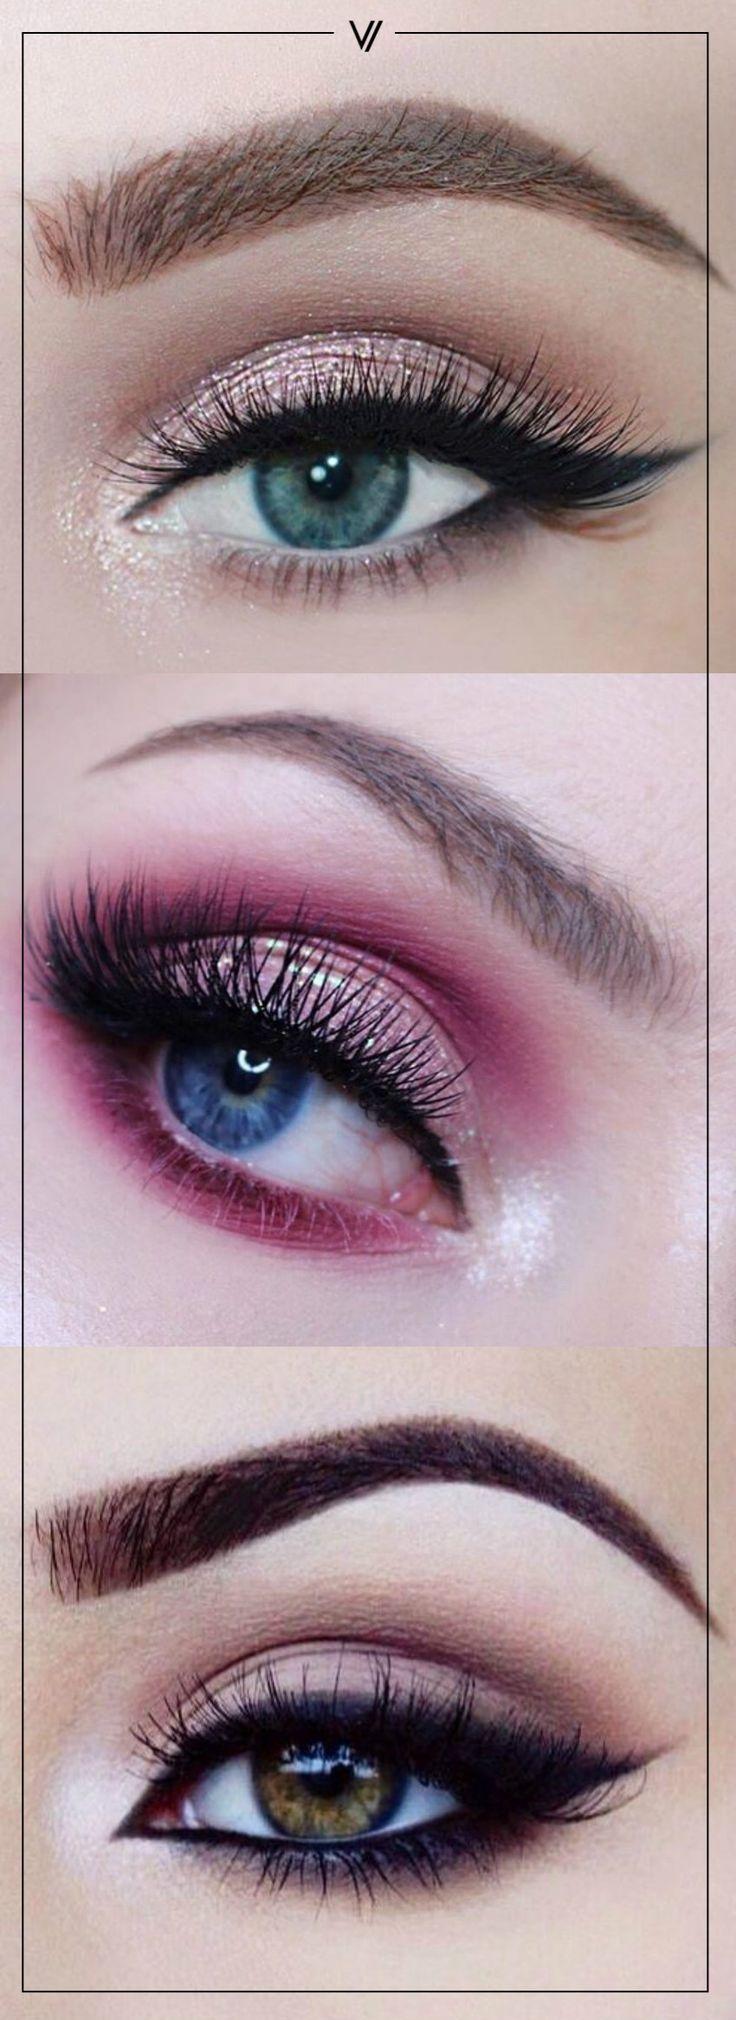 Prueba tonos rosados para lucir una mirada coqueta.  #Ojos #Sombras #Makeup